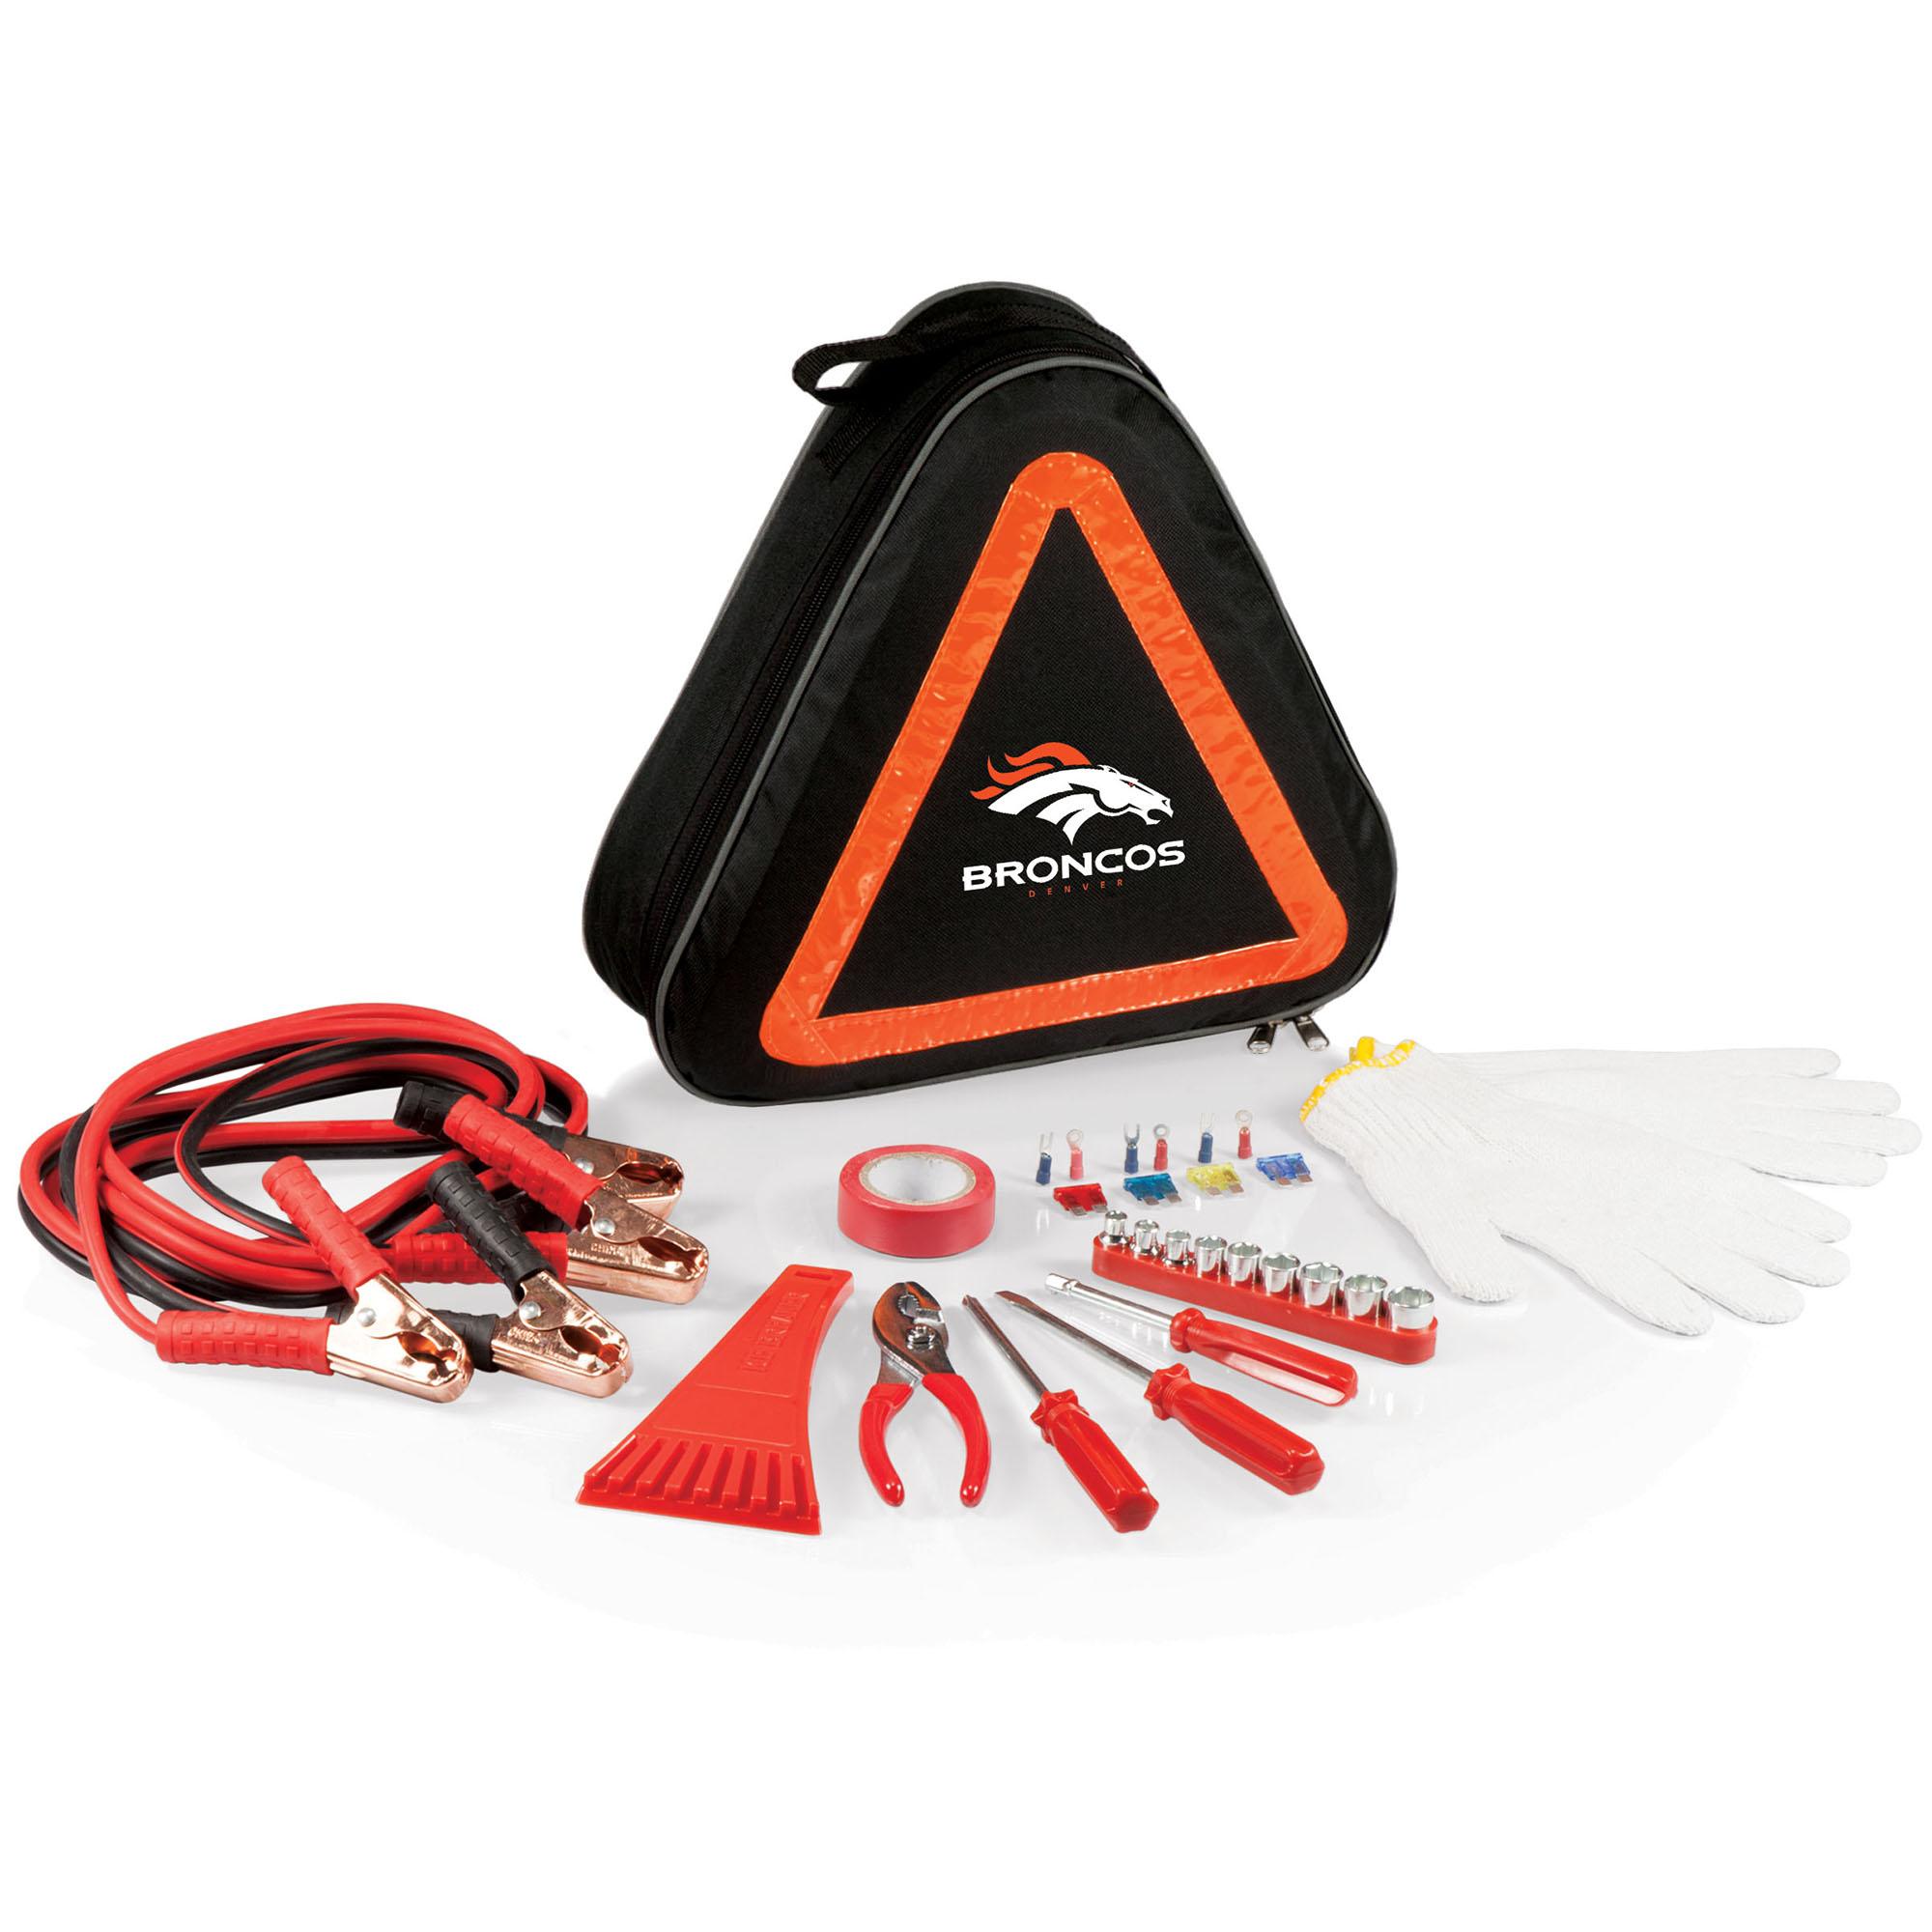 Denver Broncos Roadside Emergency Kit - No Size